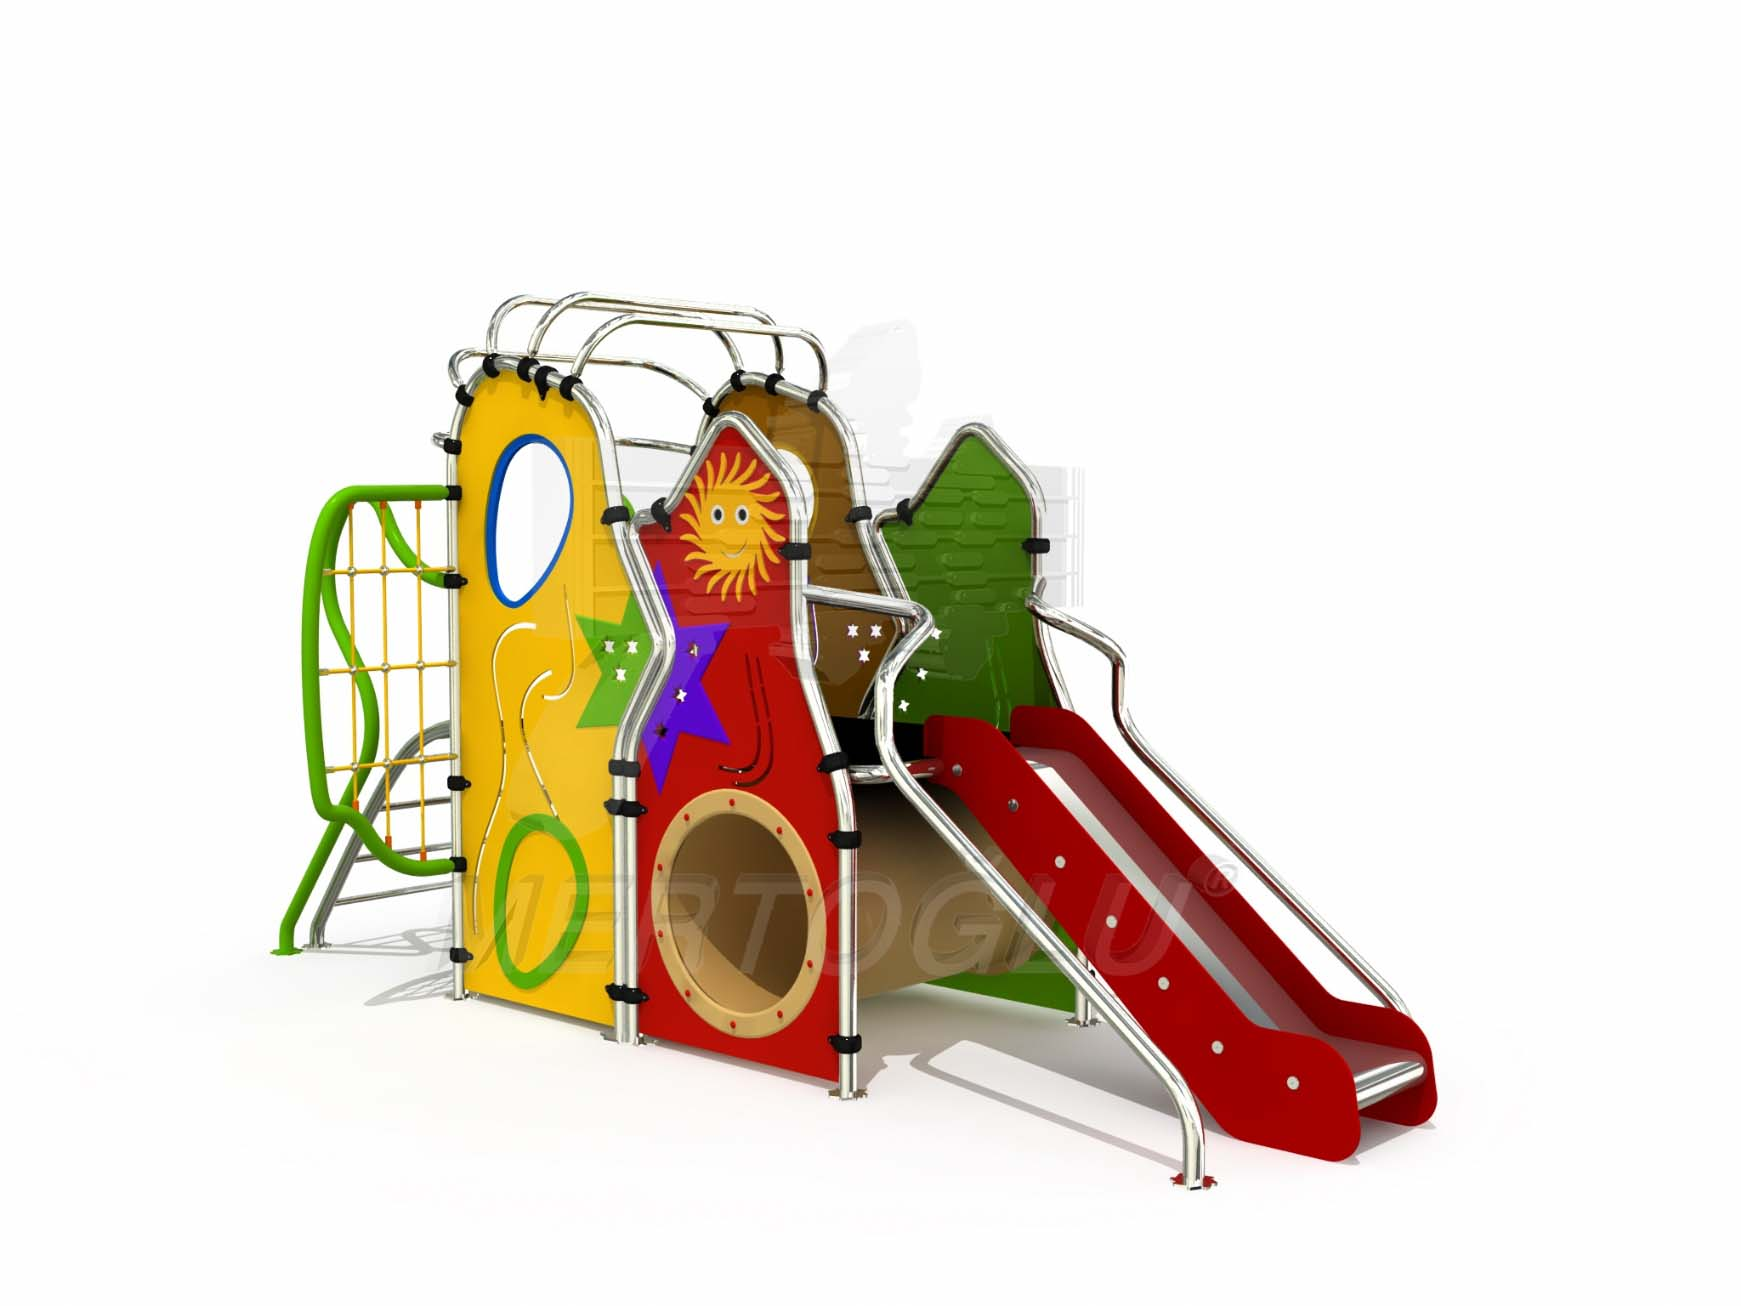 Kompakt Oyun Parkları-Mko-110